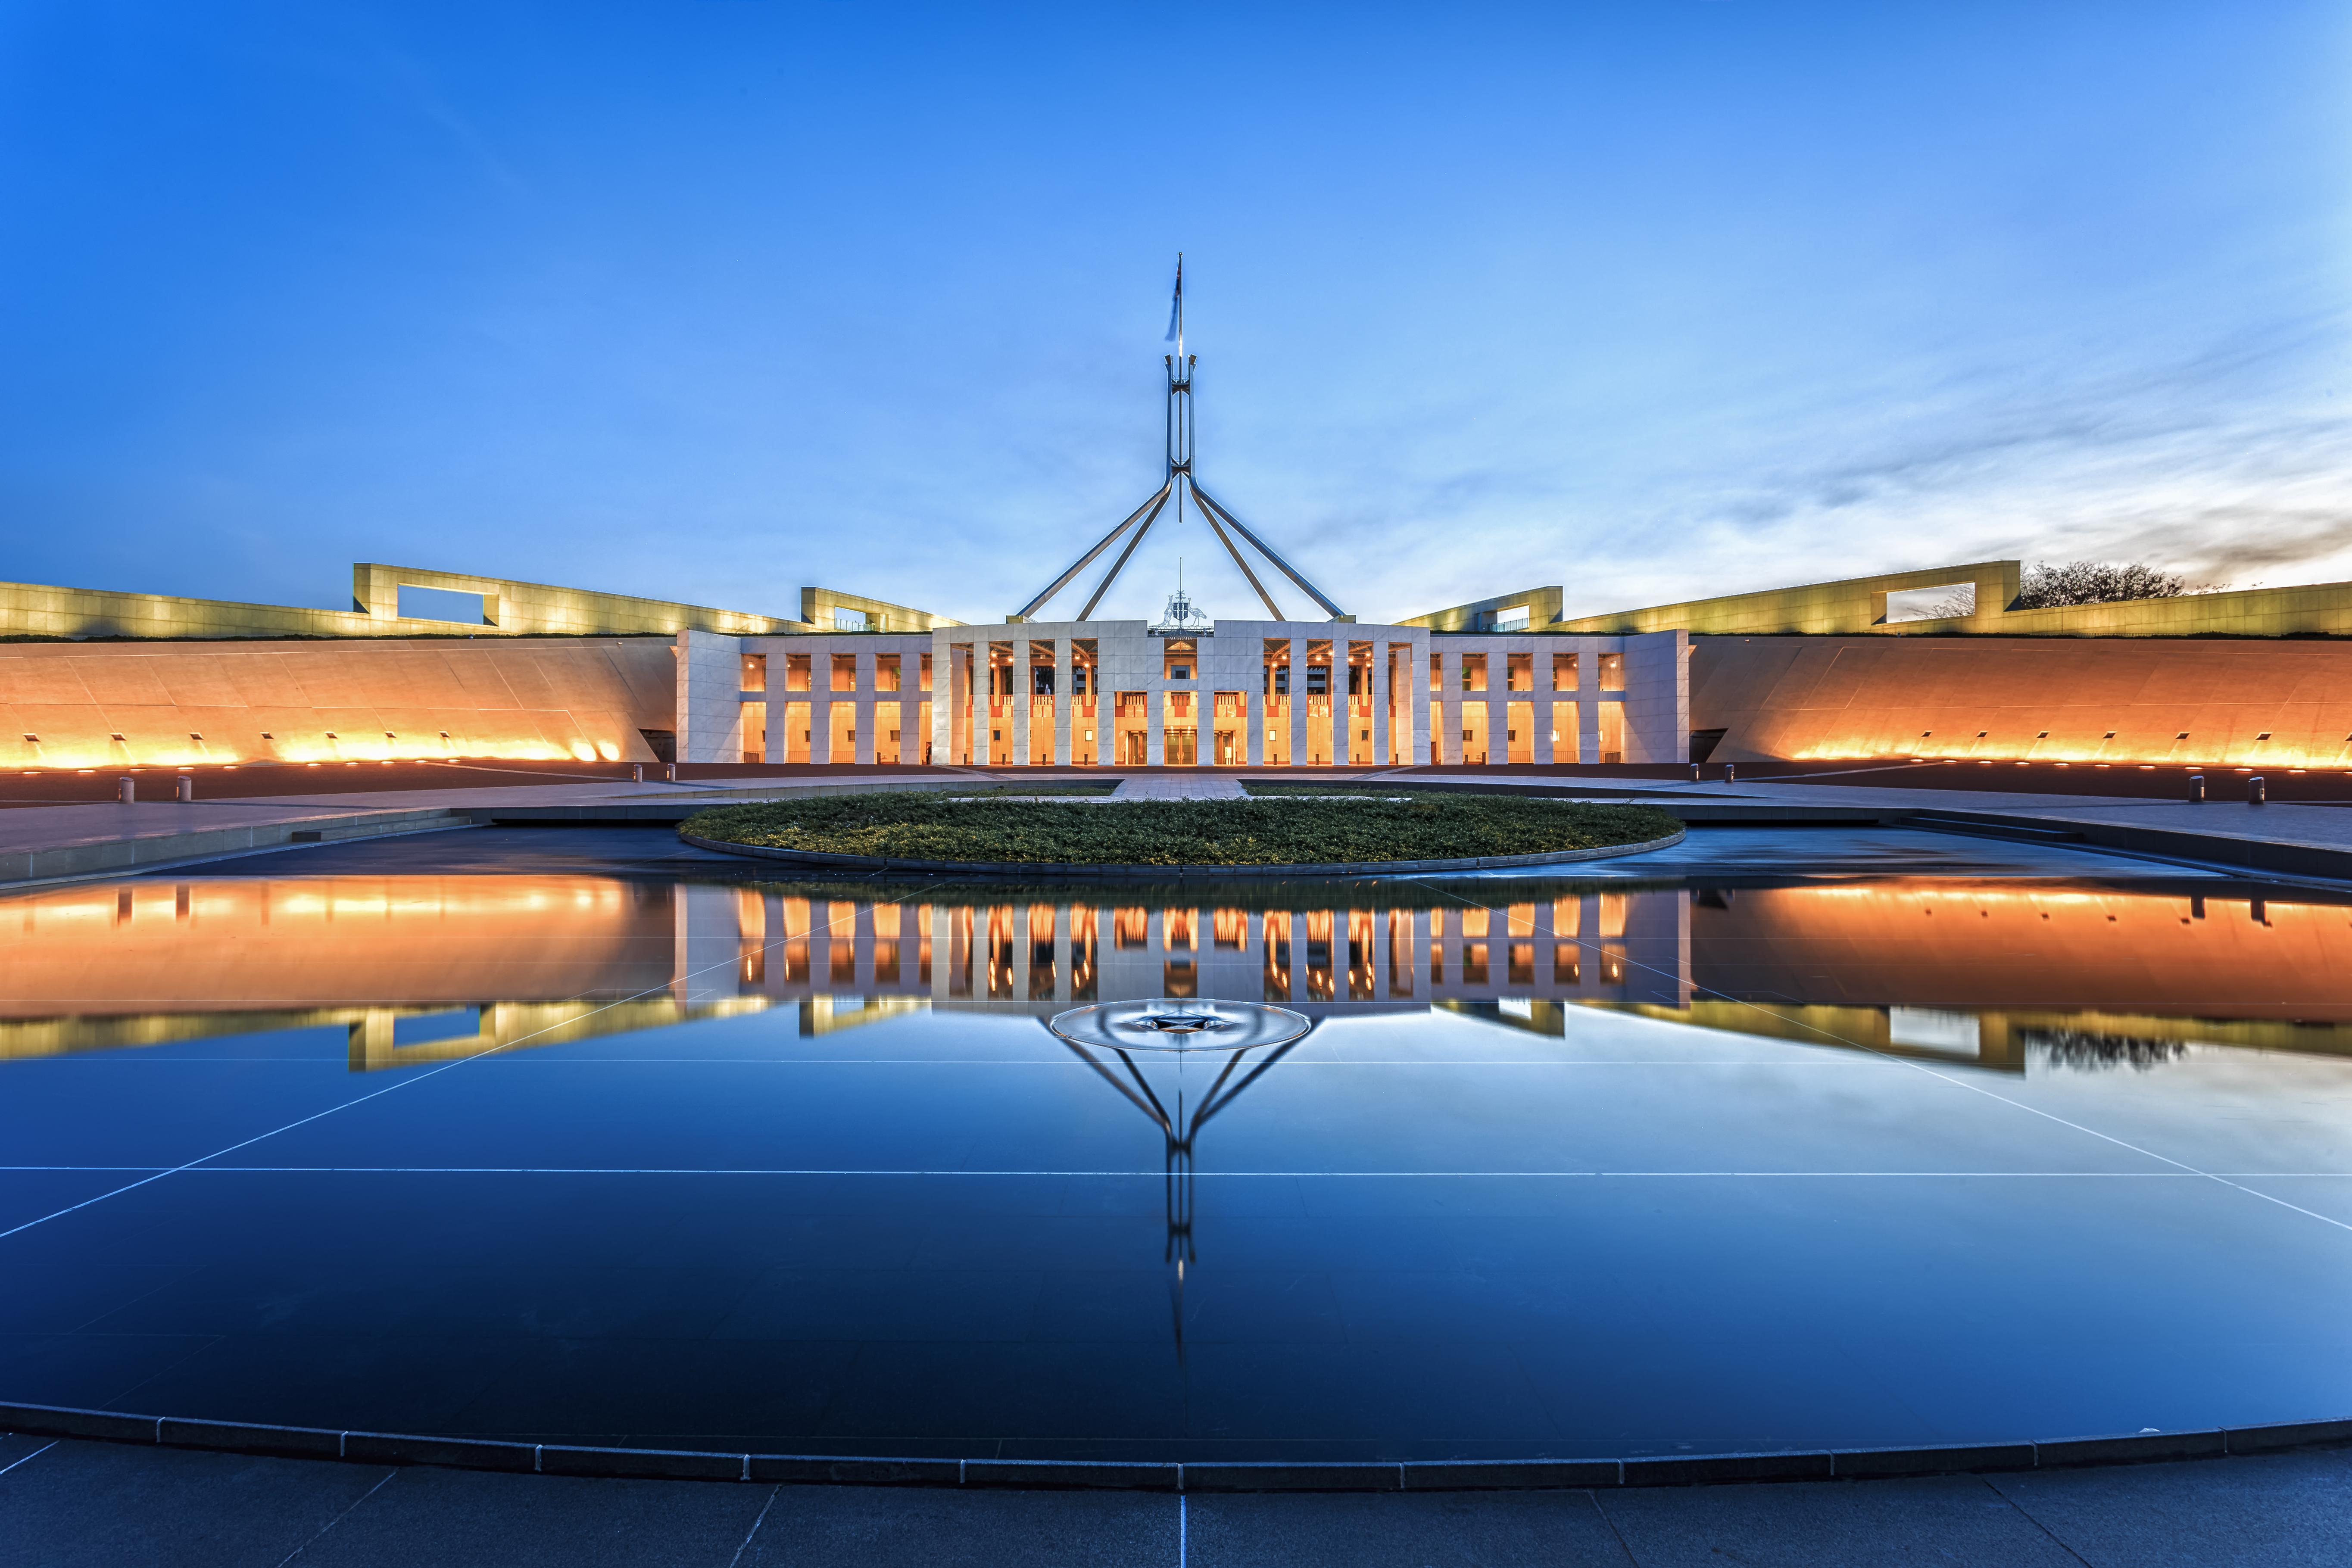 Perbedaan durasi puasa di Australia